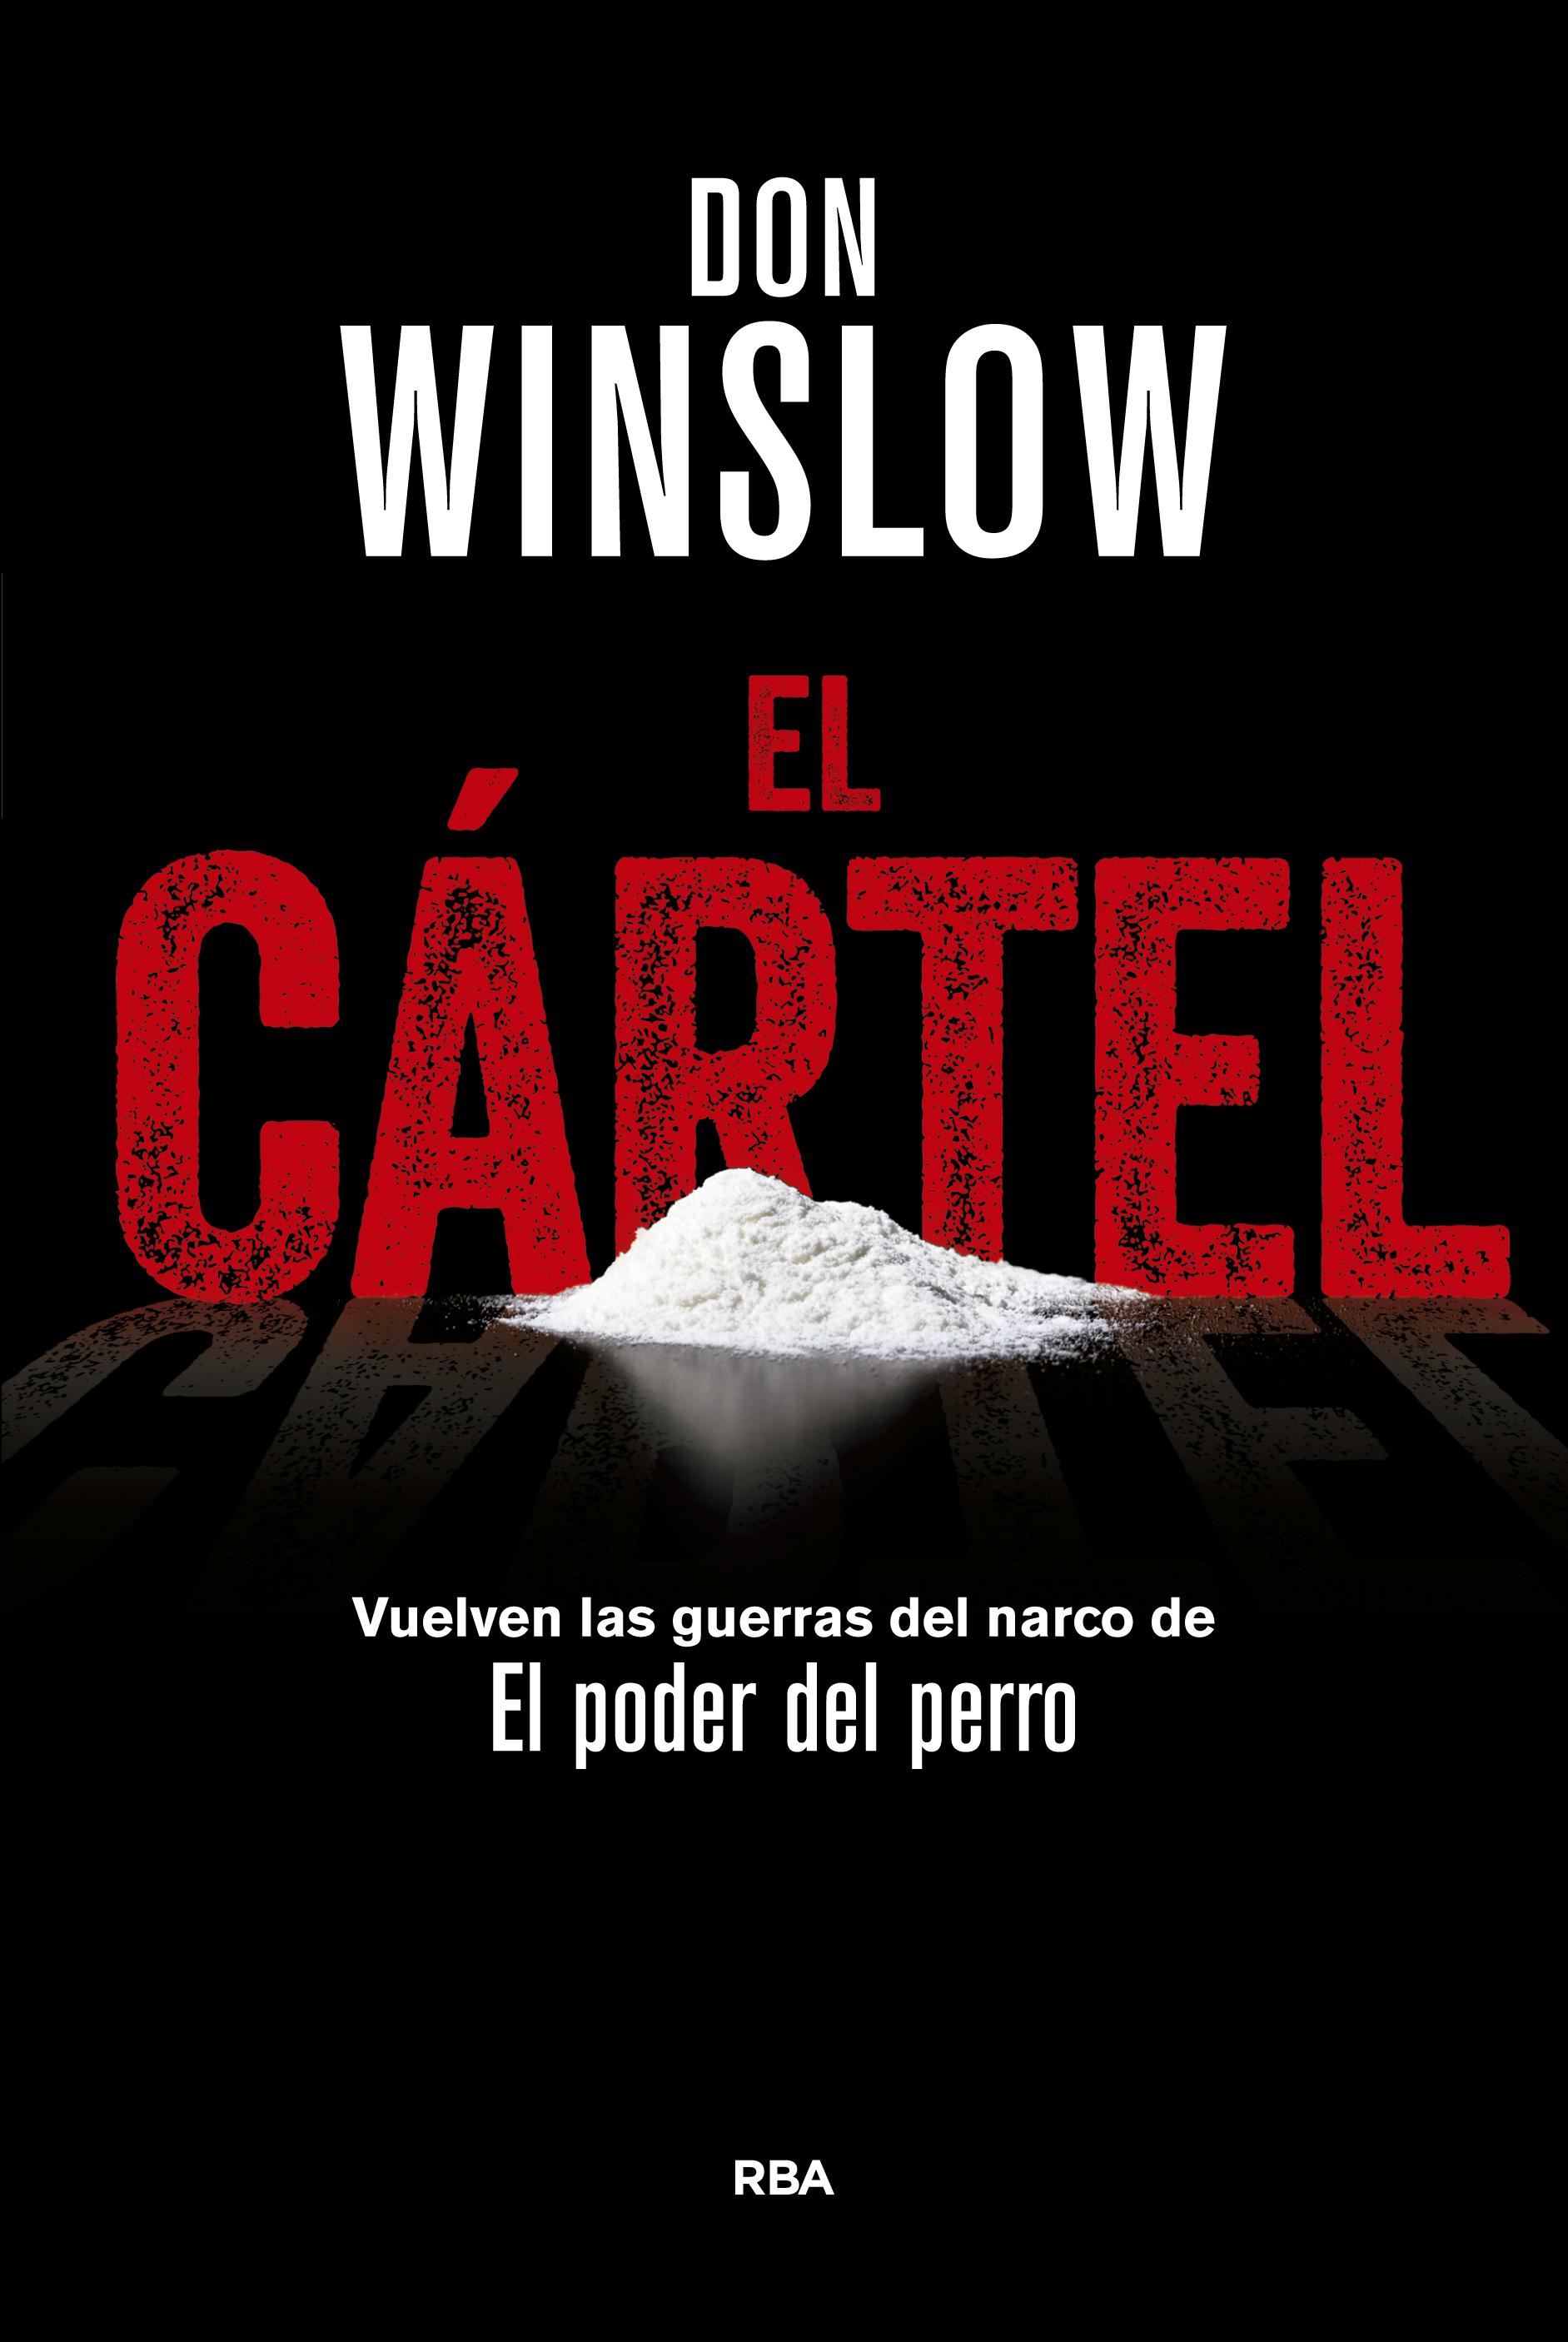 El Cartel - Don Winslow Portada